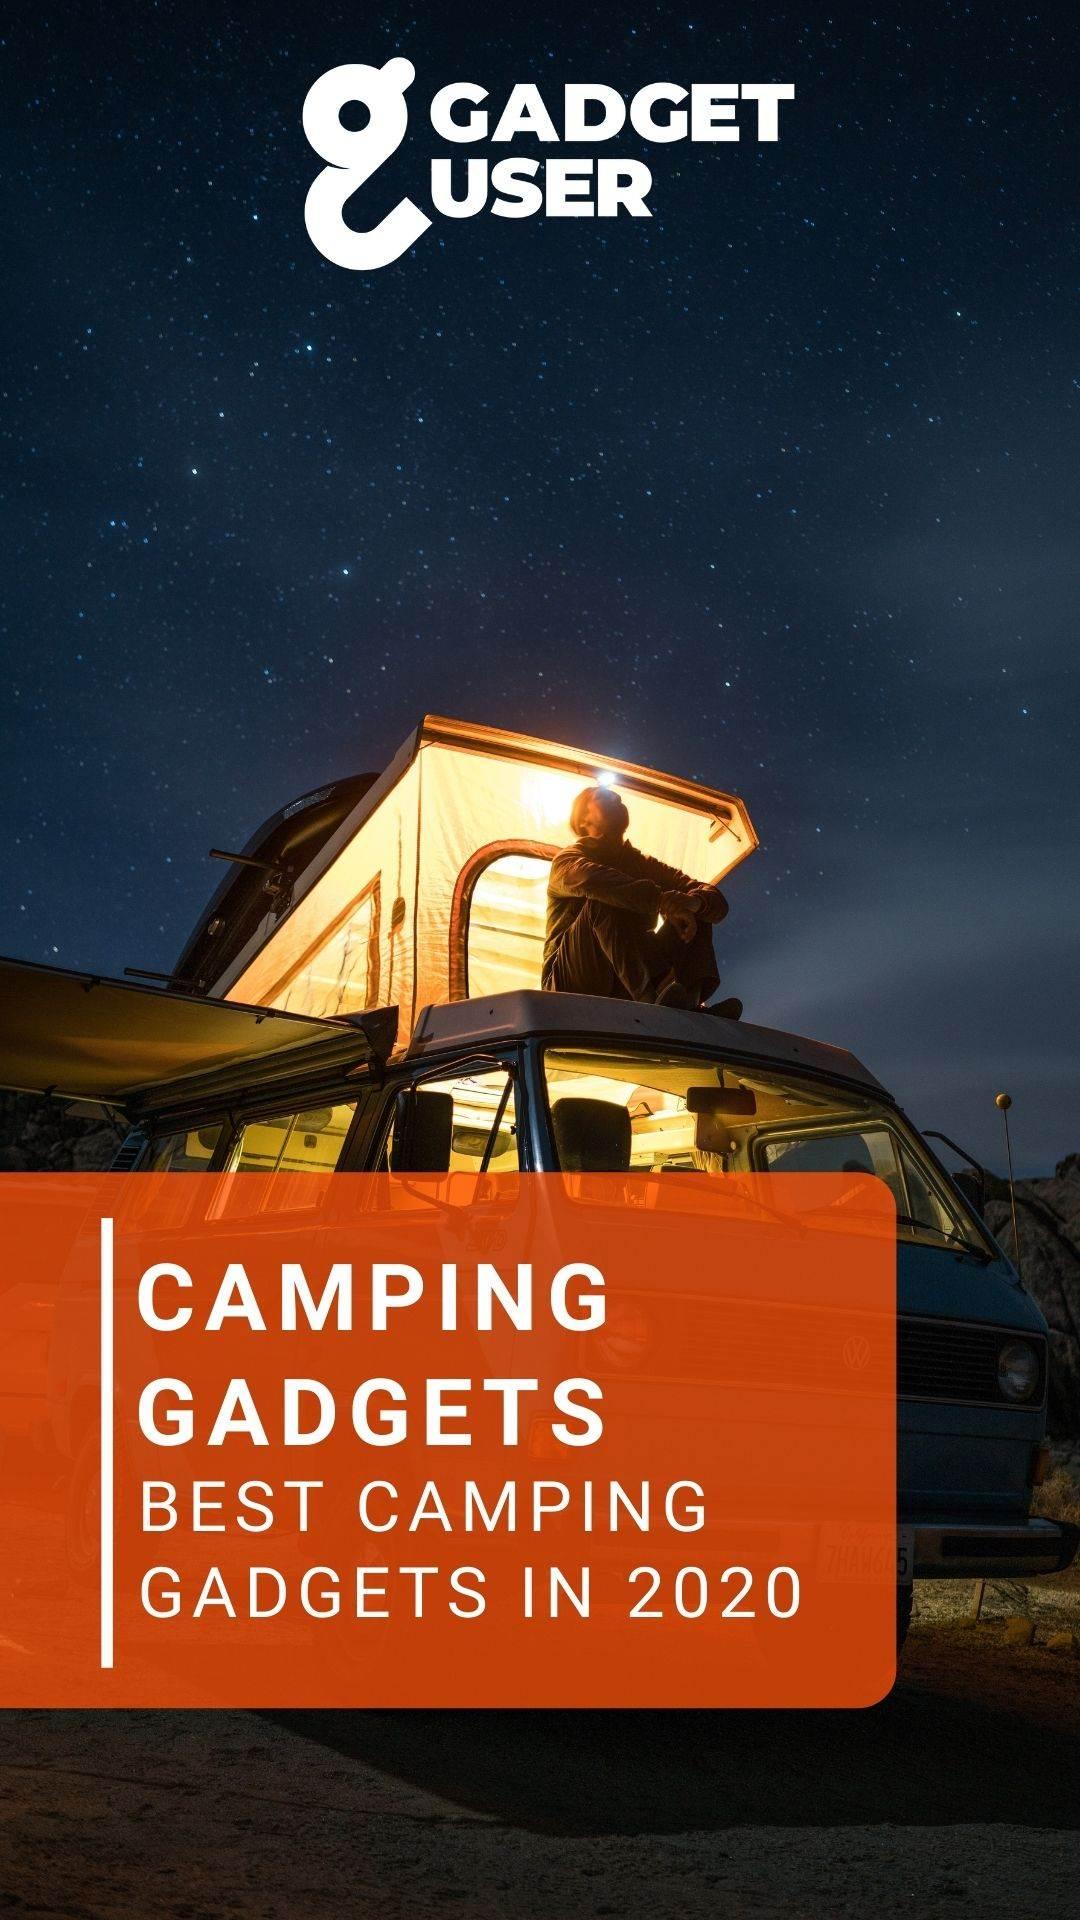 Best Camping Gadgets Gadget User